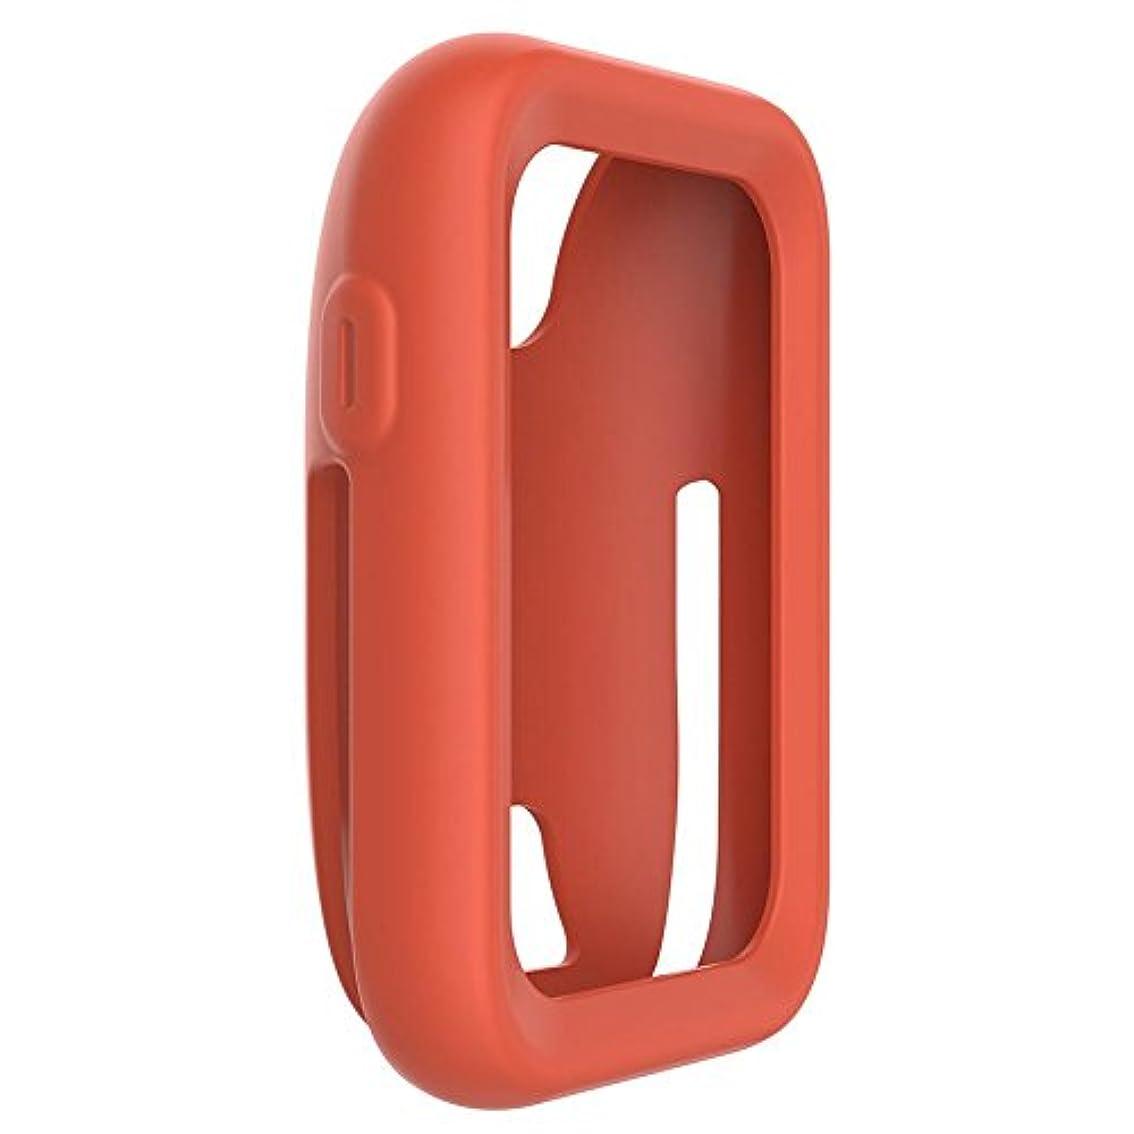 贅沢な効能ある緩むガーミン GARMIN シリコンケース 保護ケース 落下防止 Garmin Approach G30 Golf GPS用 7カラーから選べる Macrorunjp